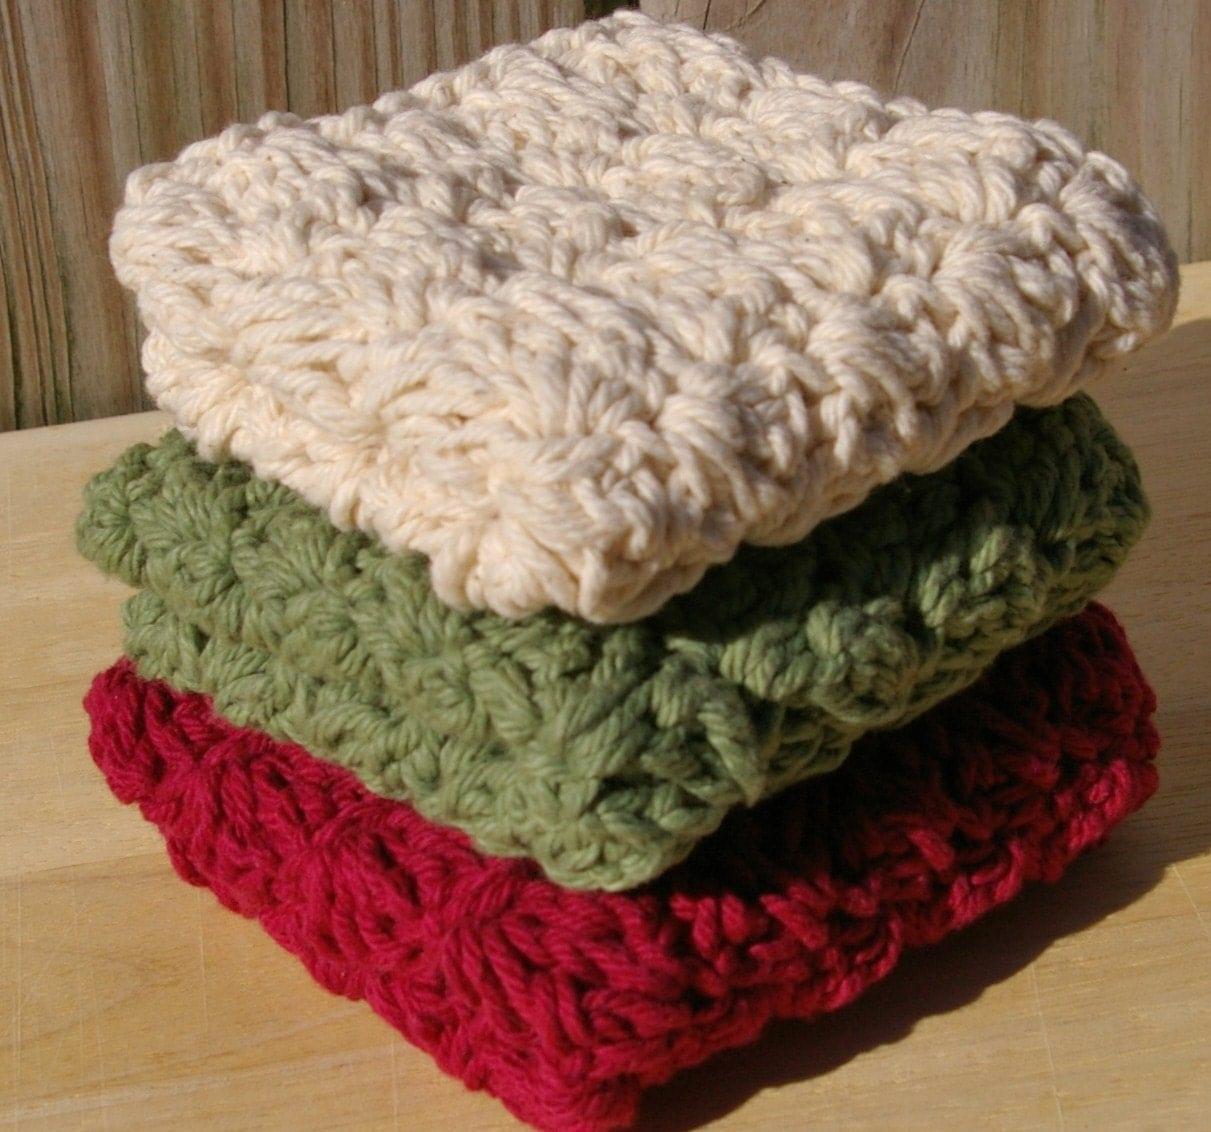 Autumn Dishcloths in Cotton Crochet Set of 3